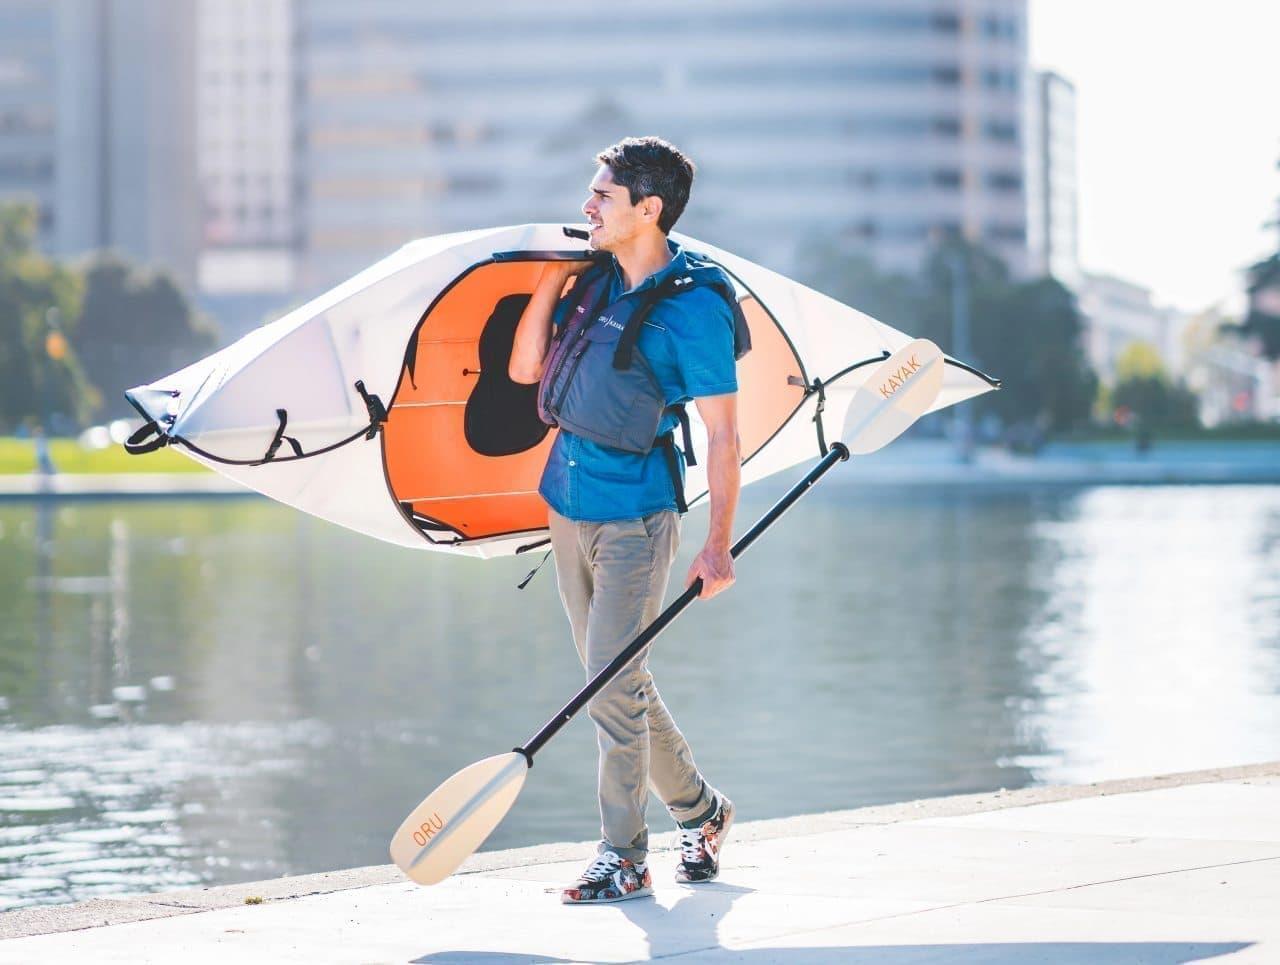 東京が水上交通主体の都市になったら?-折り畳んでデスク下に収納できるカヤックOru Kayak「Inlet」